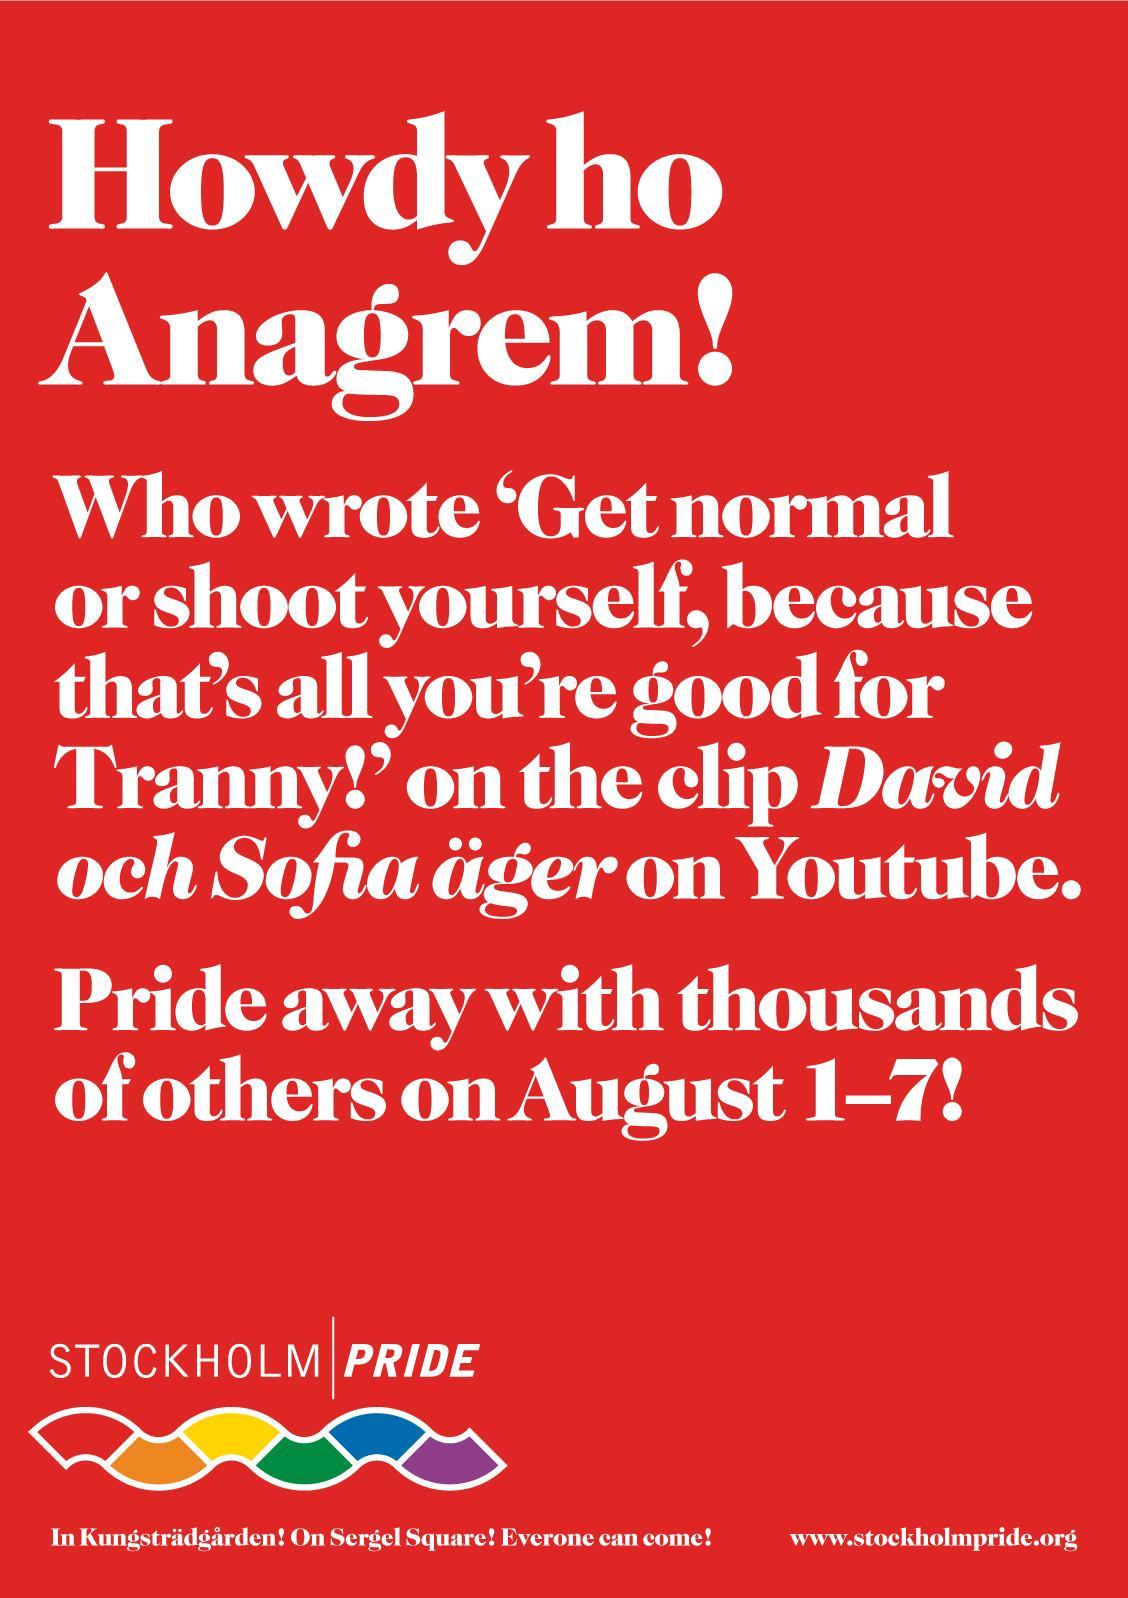 Stockholm Pride Print Ad -  Anagrem